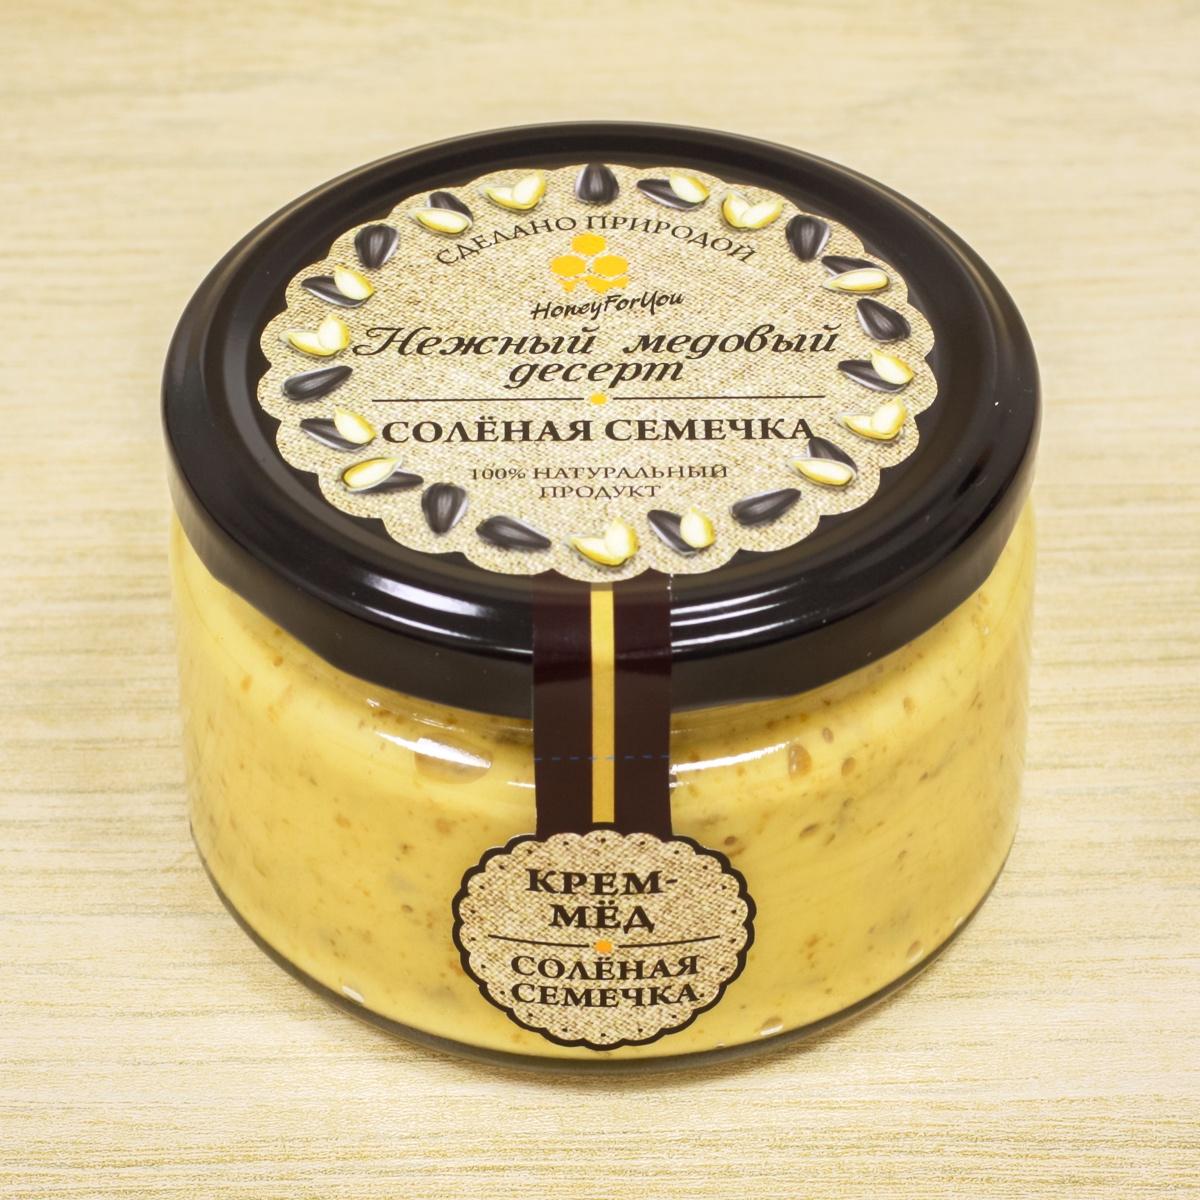 Нежный медовый десерт HoneyForYou Соленая семечка